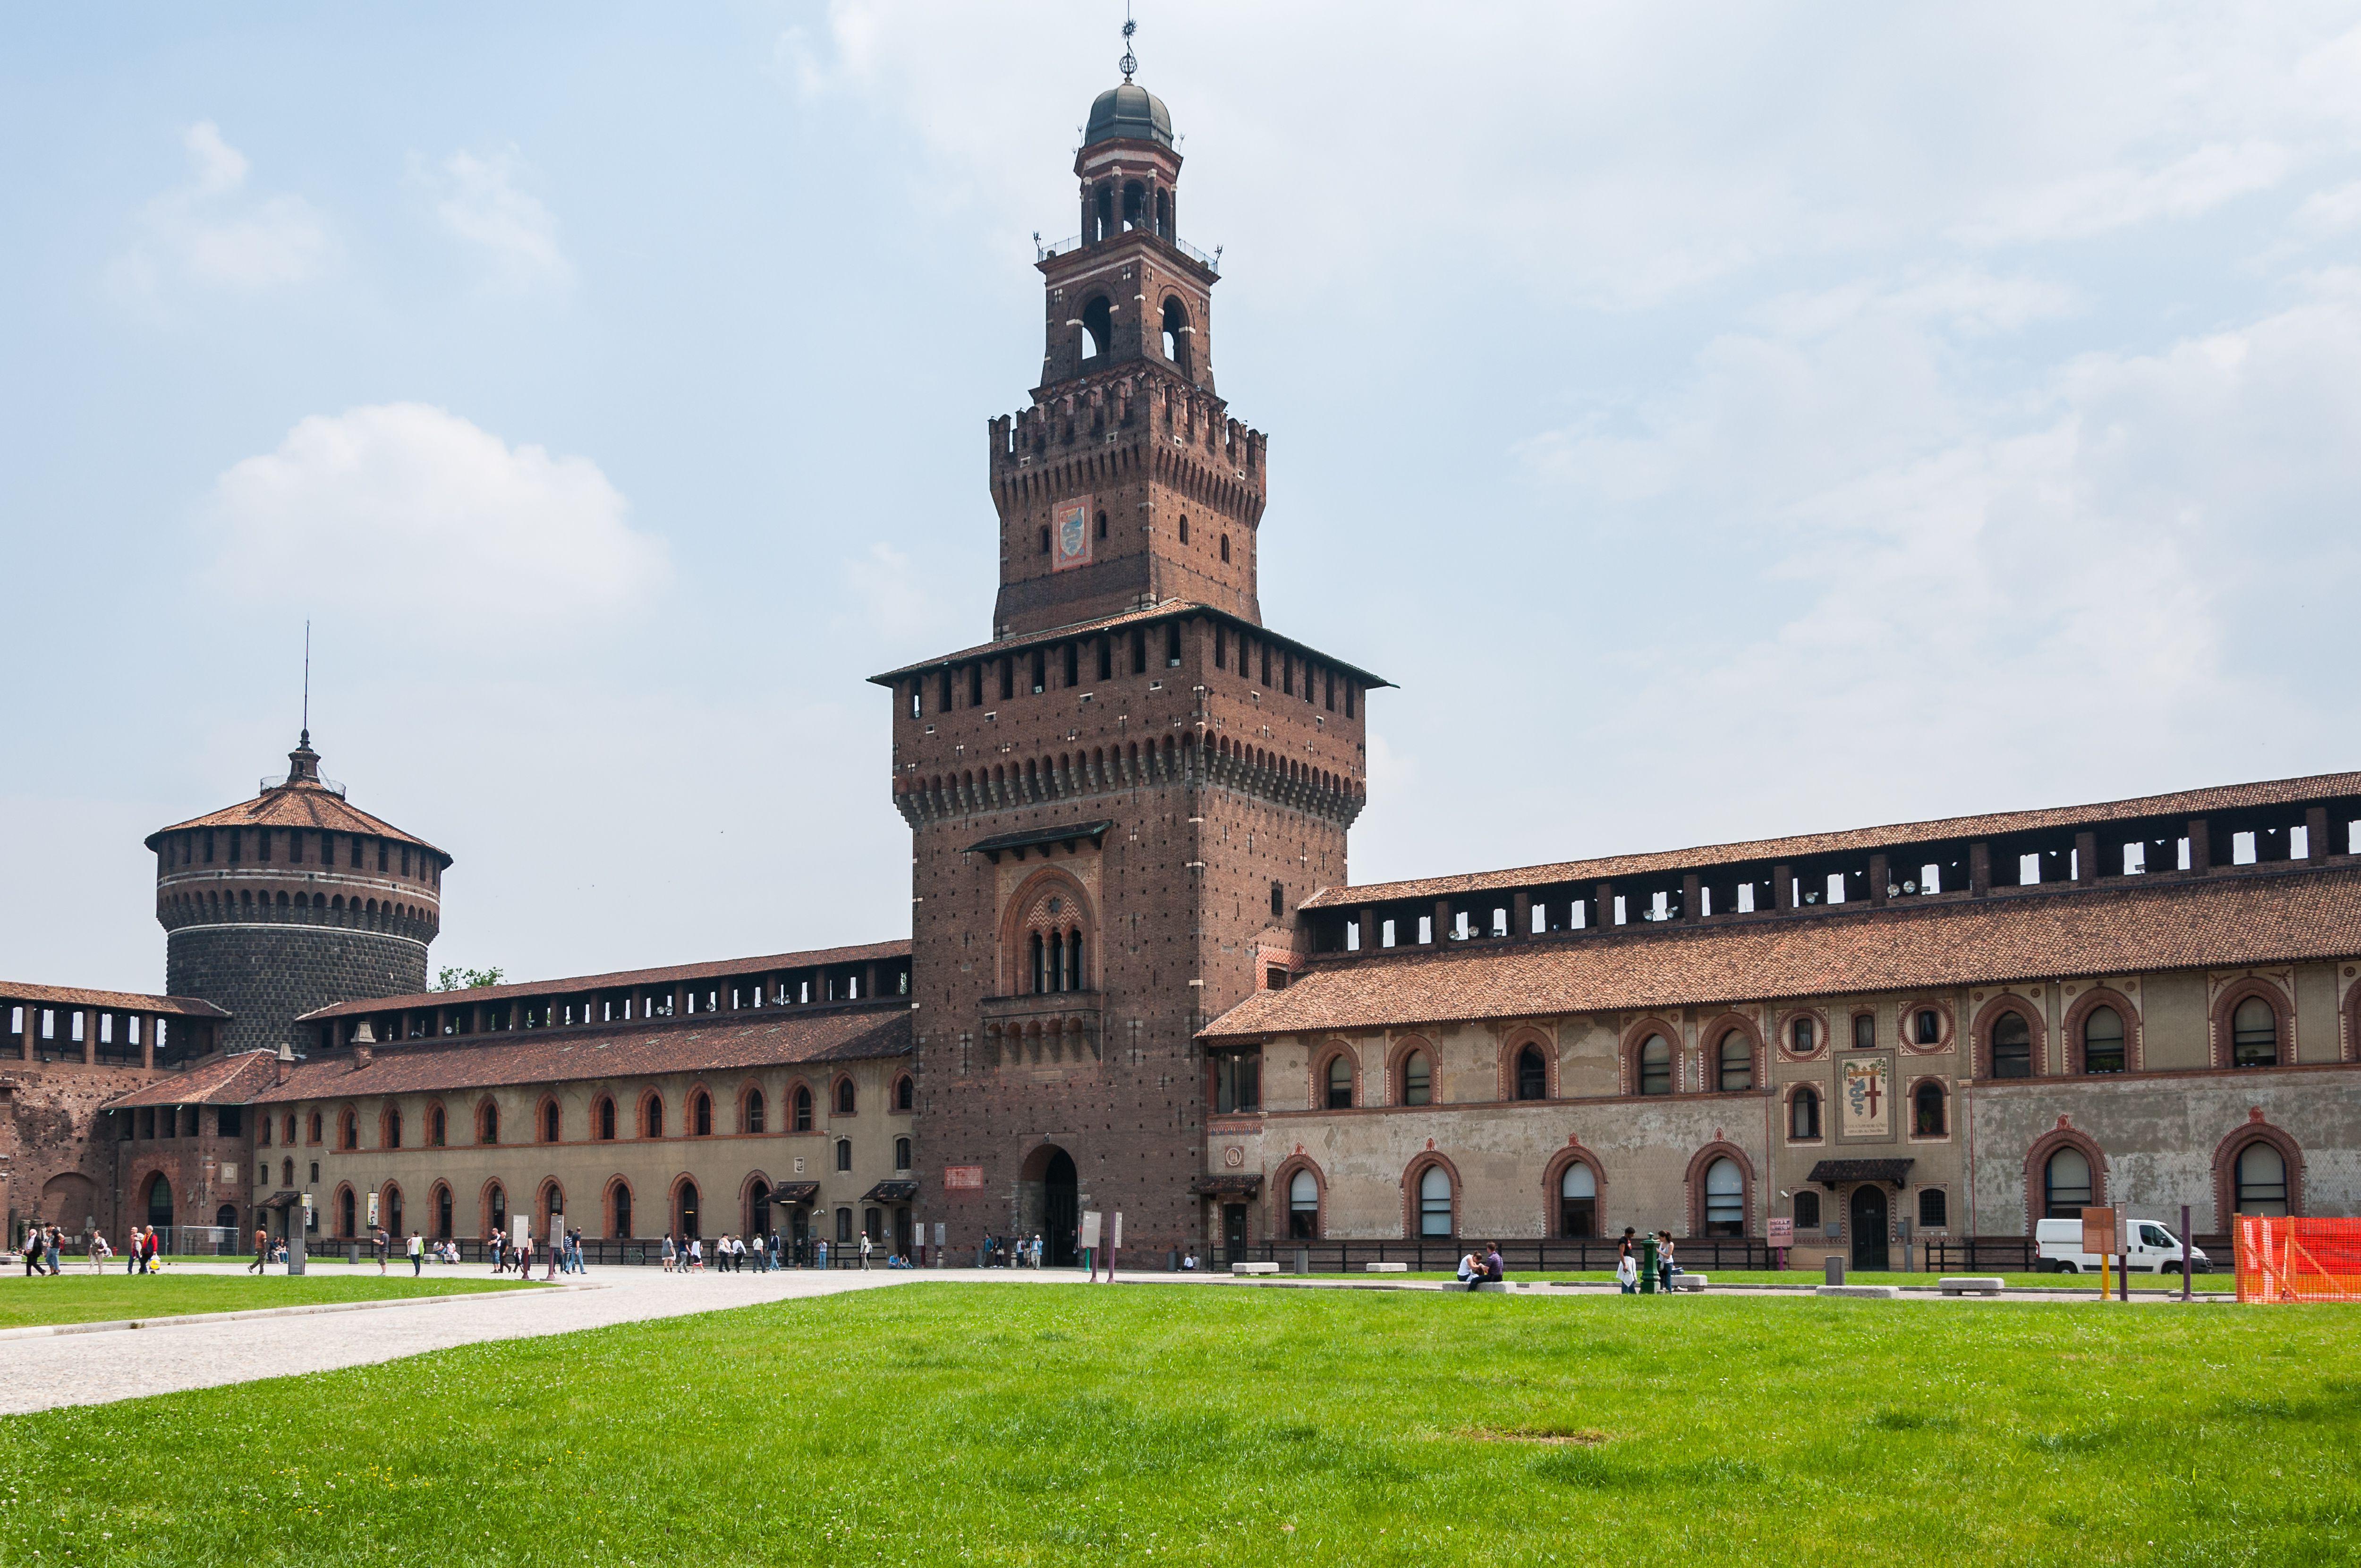 Castello Sfozesco in Milan